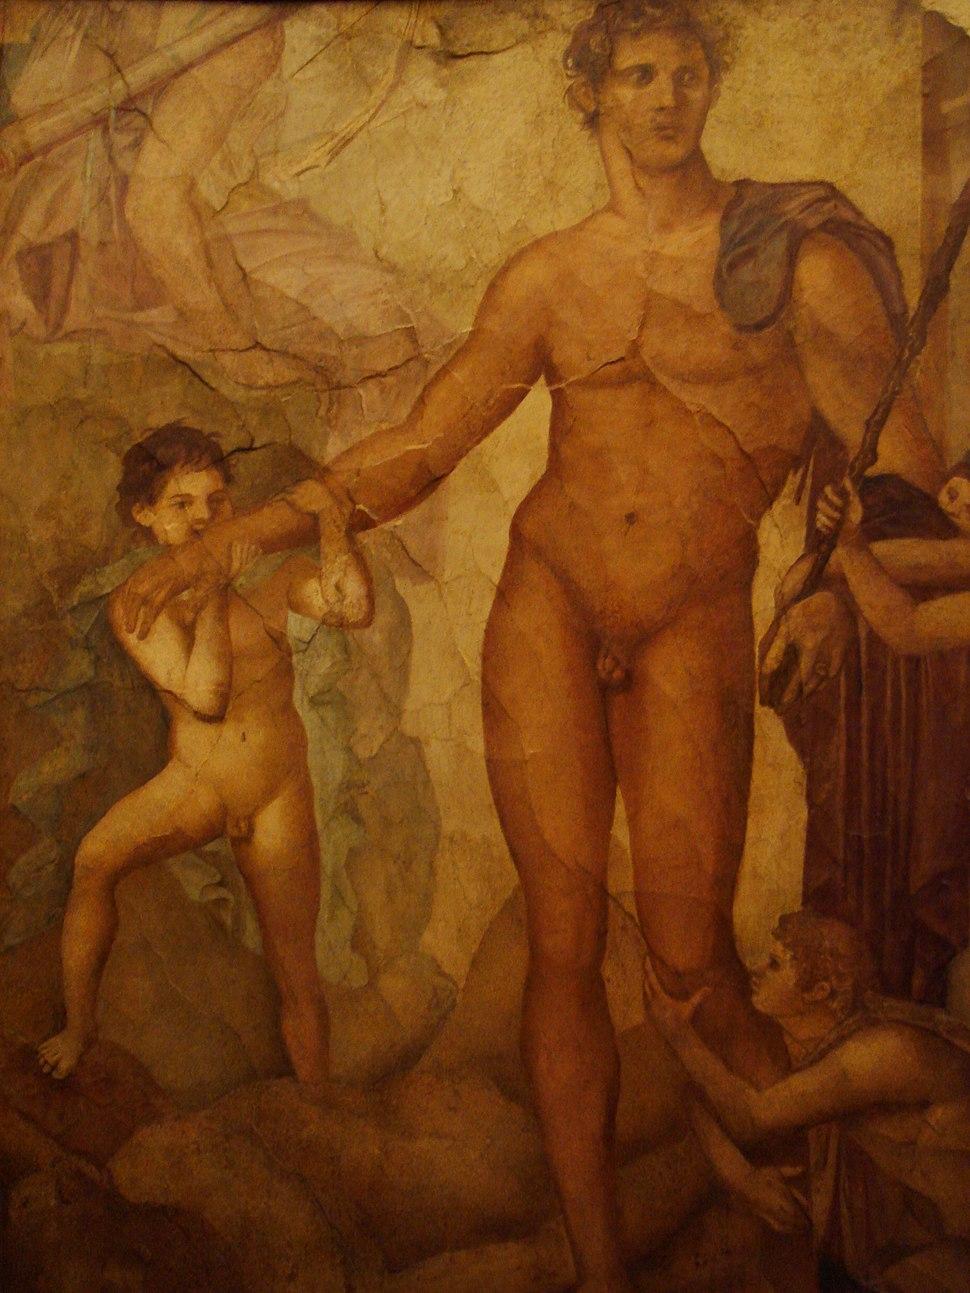 Affreschi romani - Ercolano - Teseo liberatore1